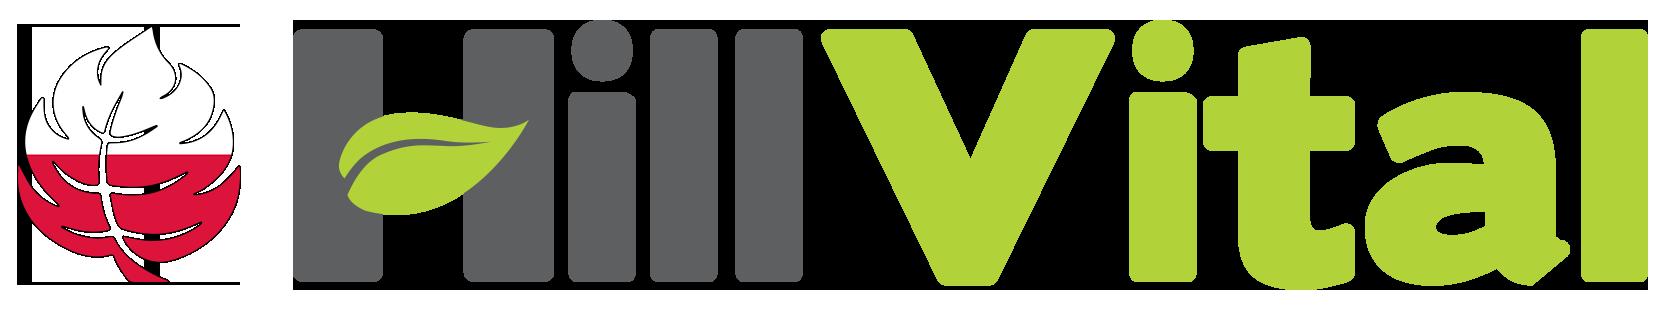 HillVital PL partner és forgalmazó